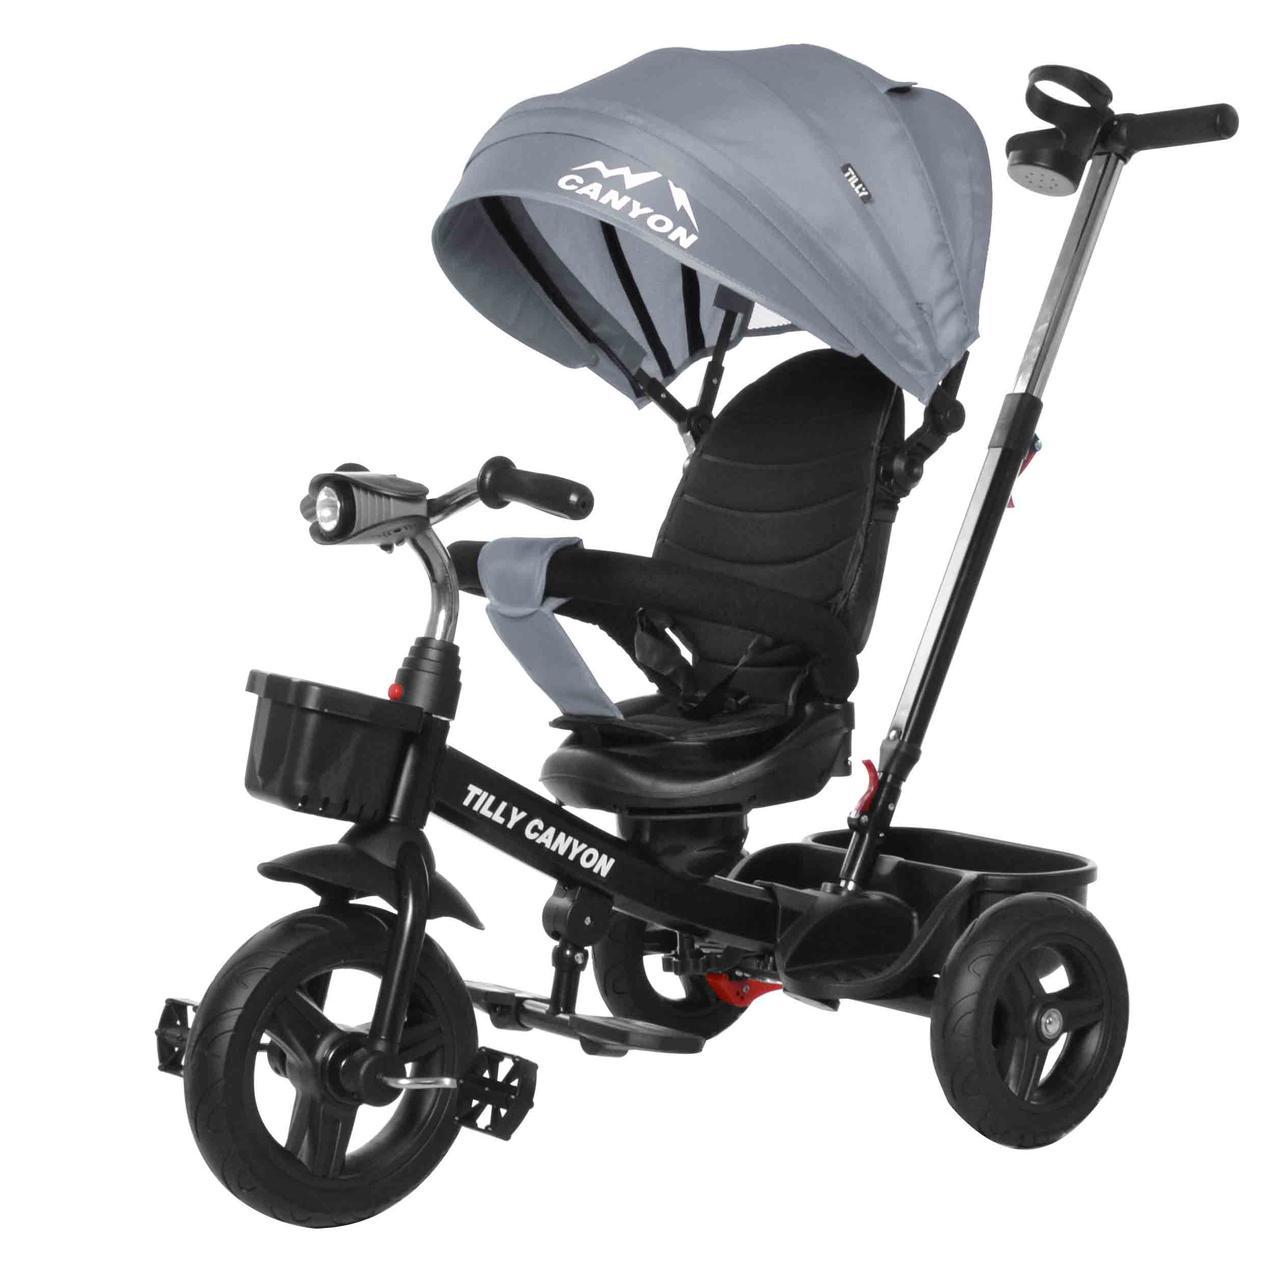 Велосипед триколісний TILLY CANYON T-384 Сірий/1/